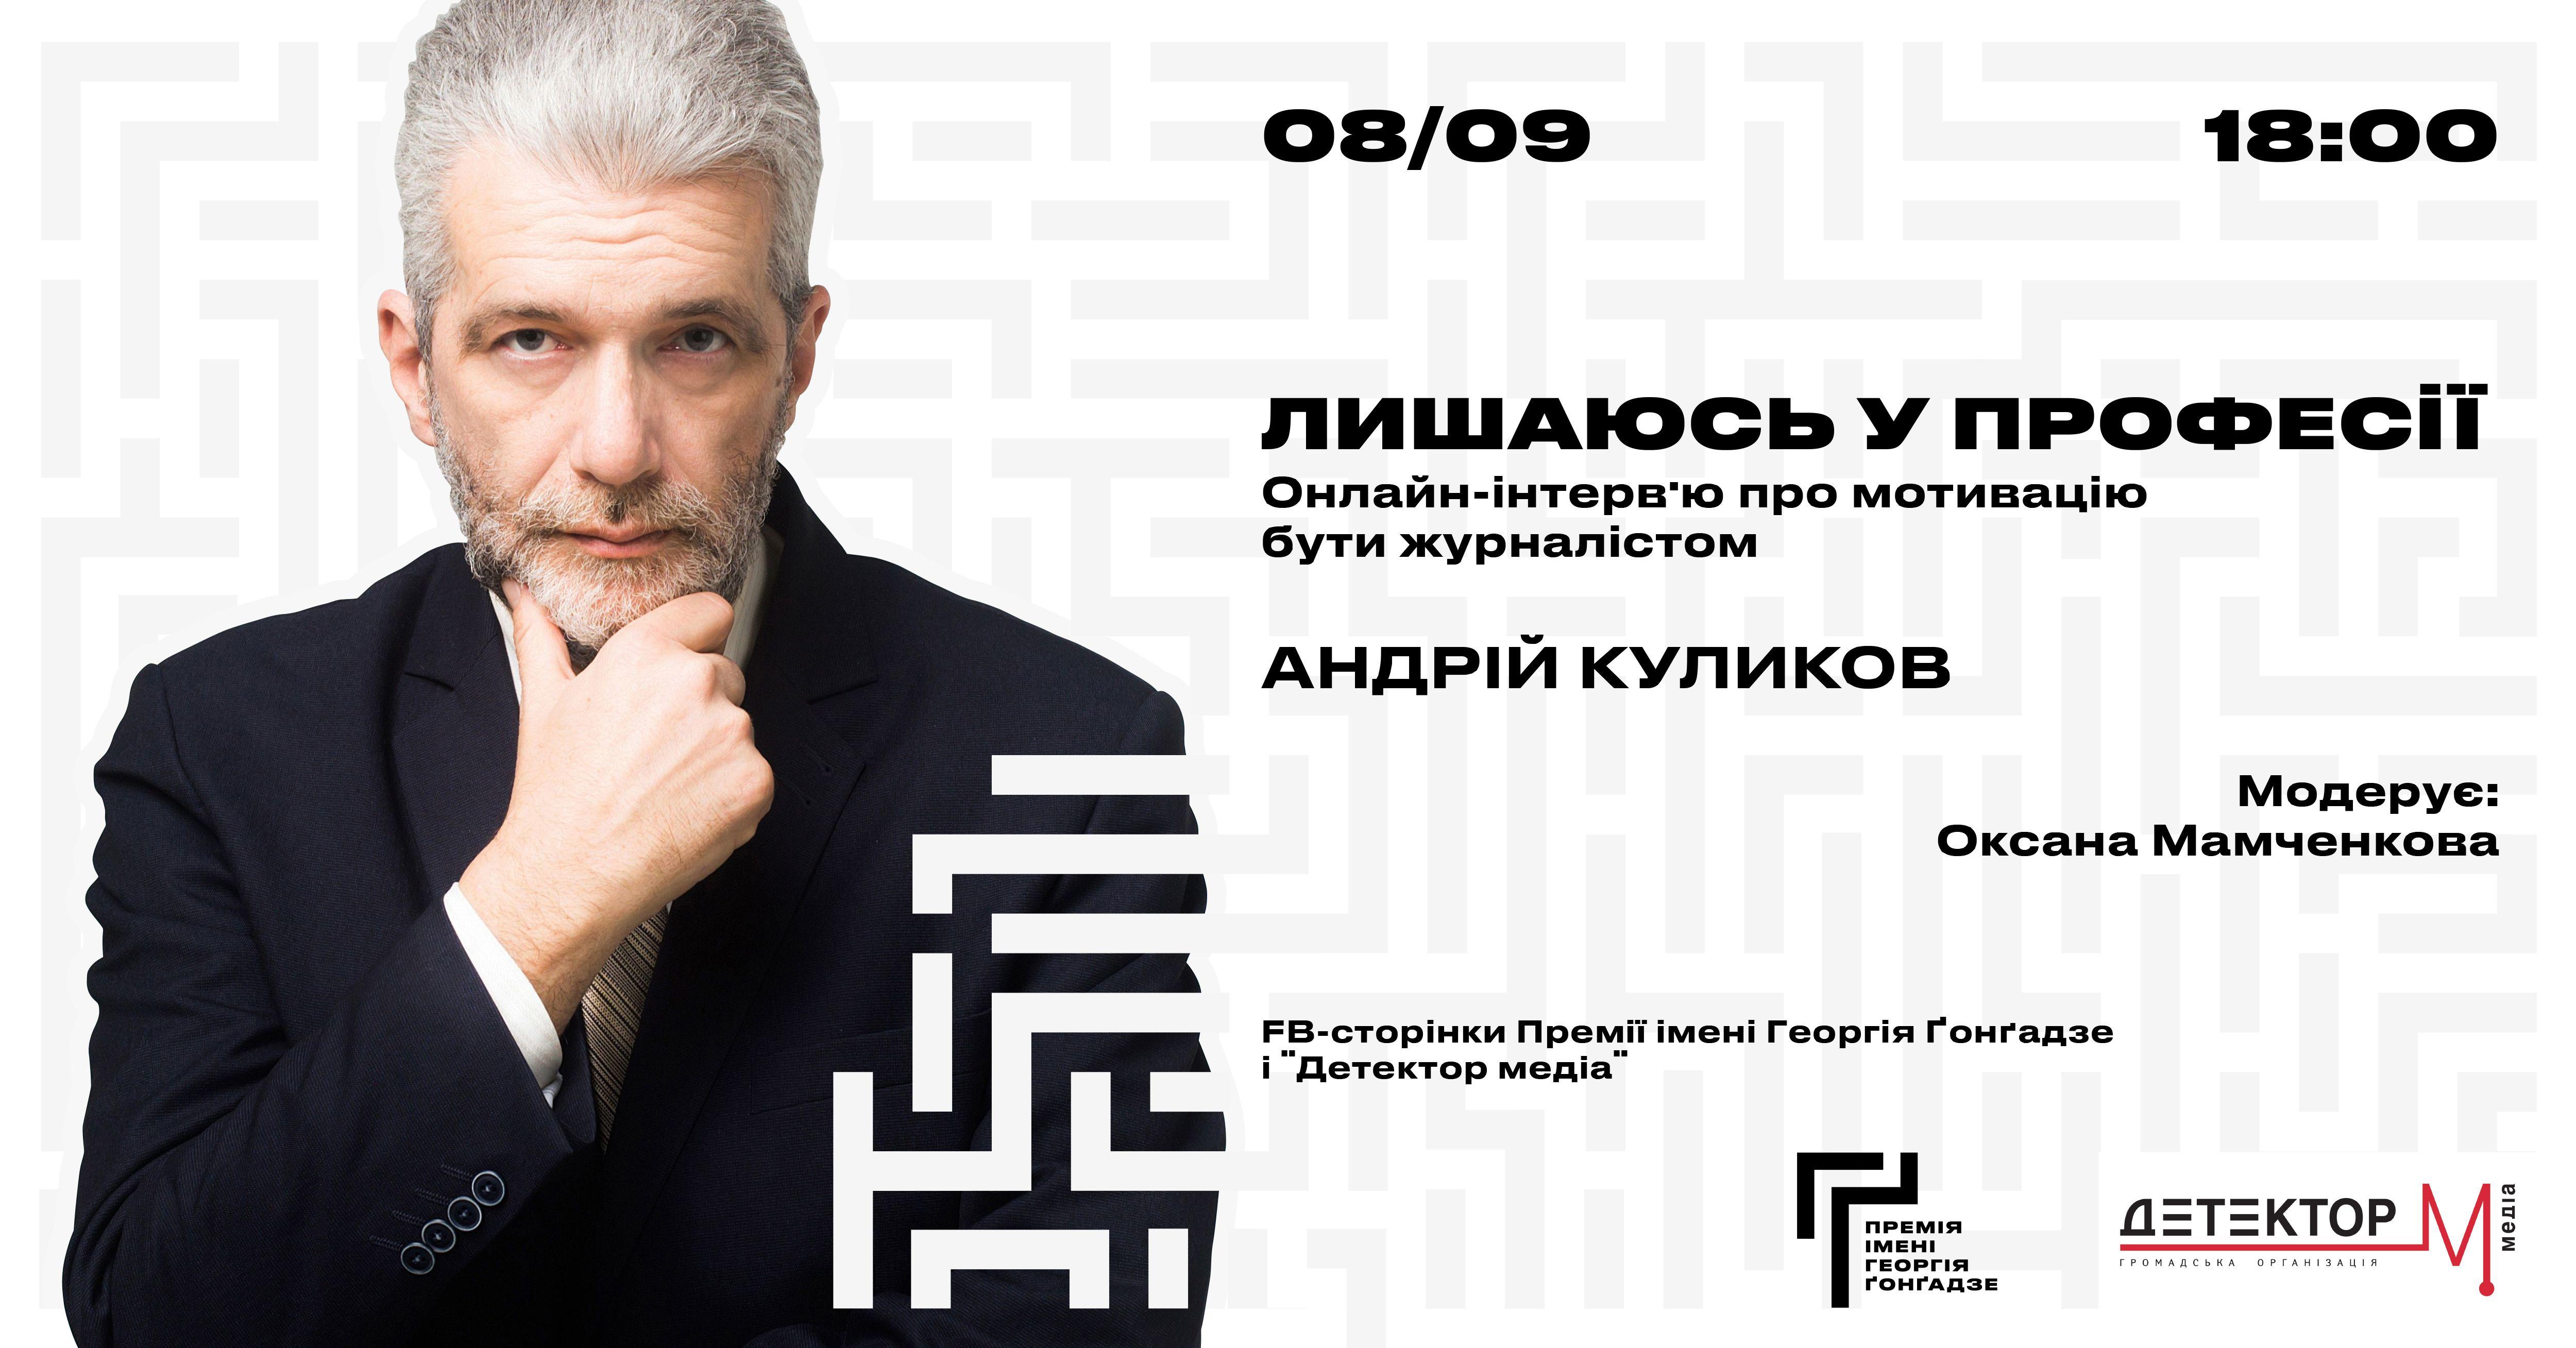 8 вересня – онлайн-інтерв'ю Андрія Куликова з циклу «Лишаюсь у професії»